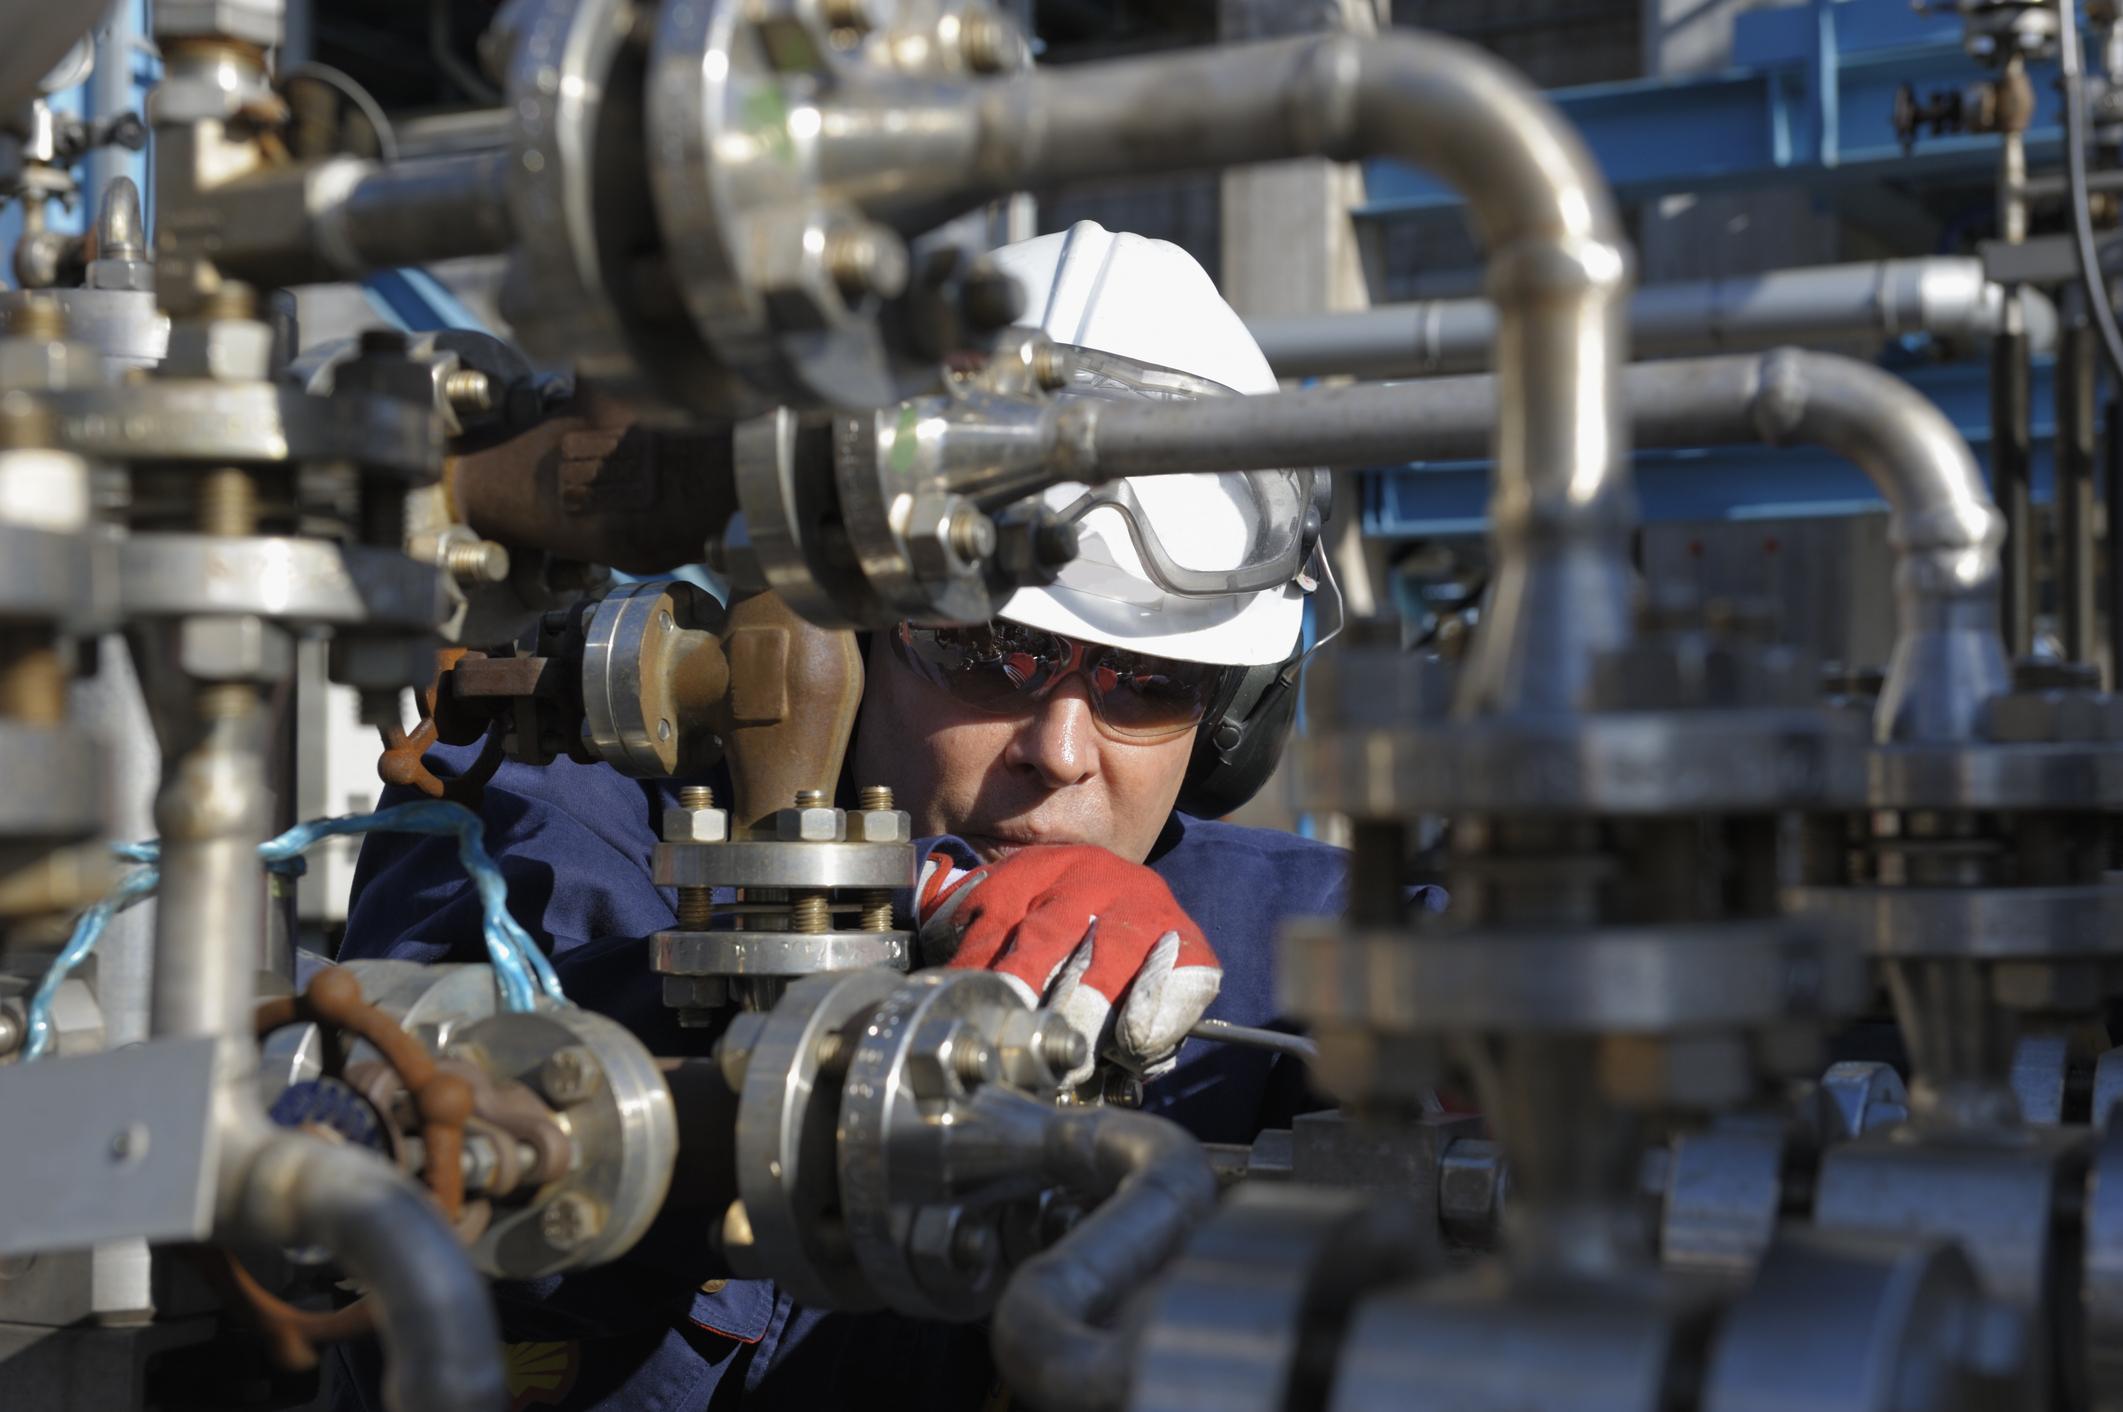 Oil worker inspecting valves.